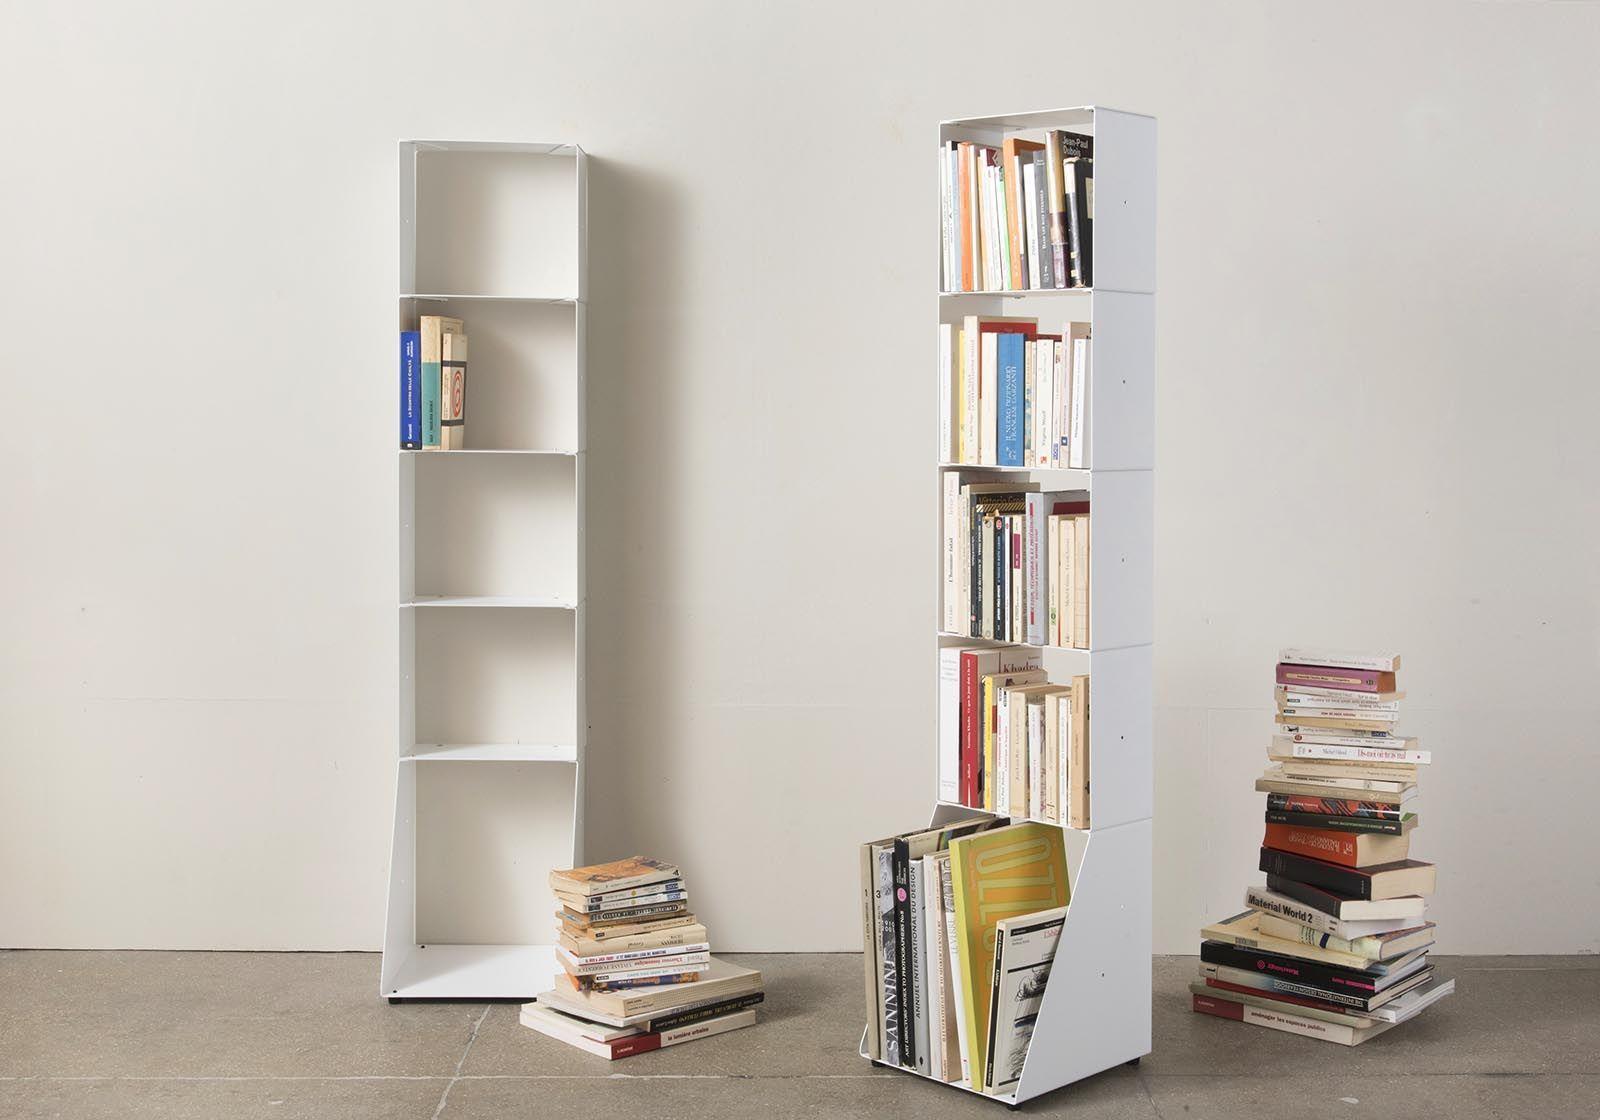 meuble biblioth que design 30 cm m tal blanc 5 niveaux. Black Bedroom Furniture Sets. Home Design Ideas